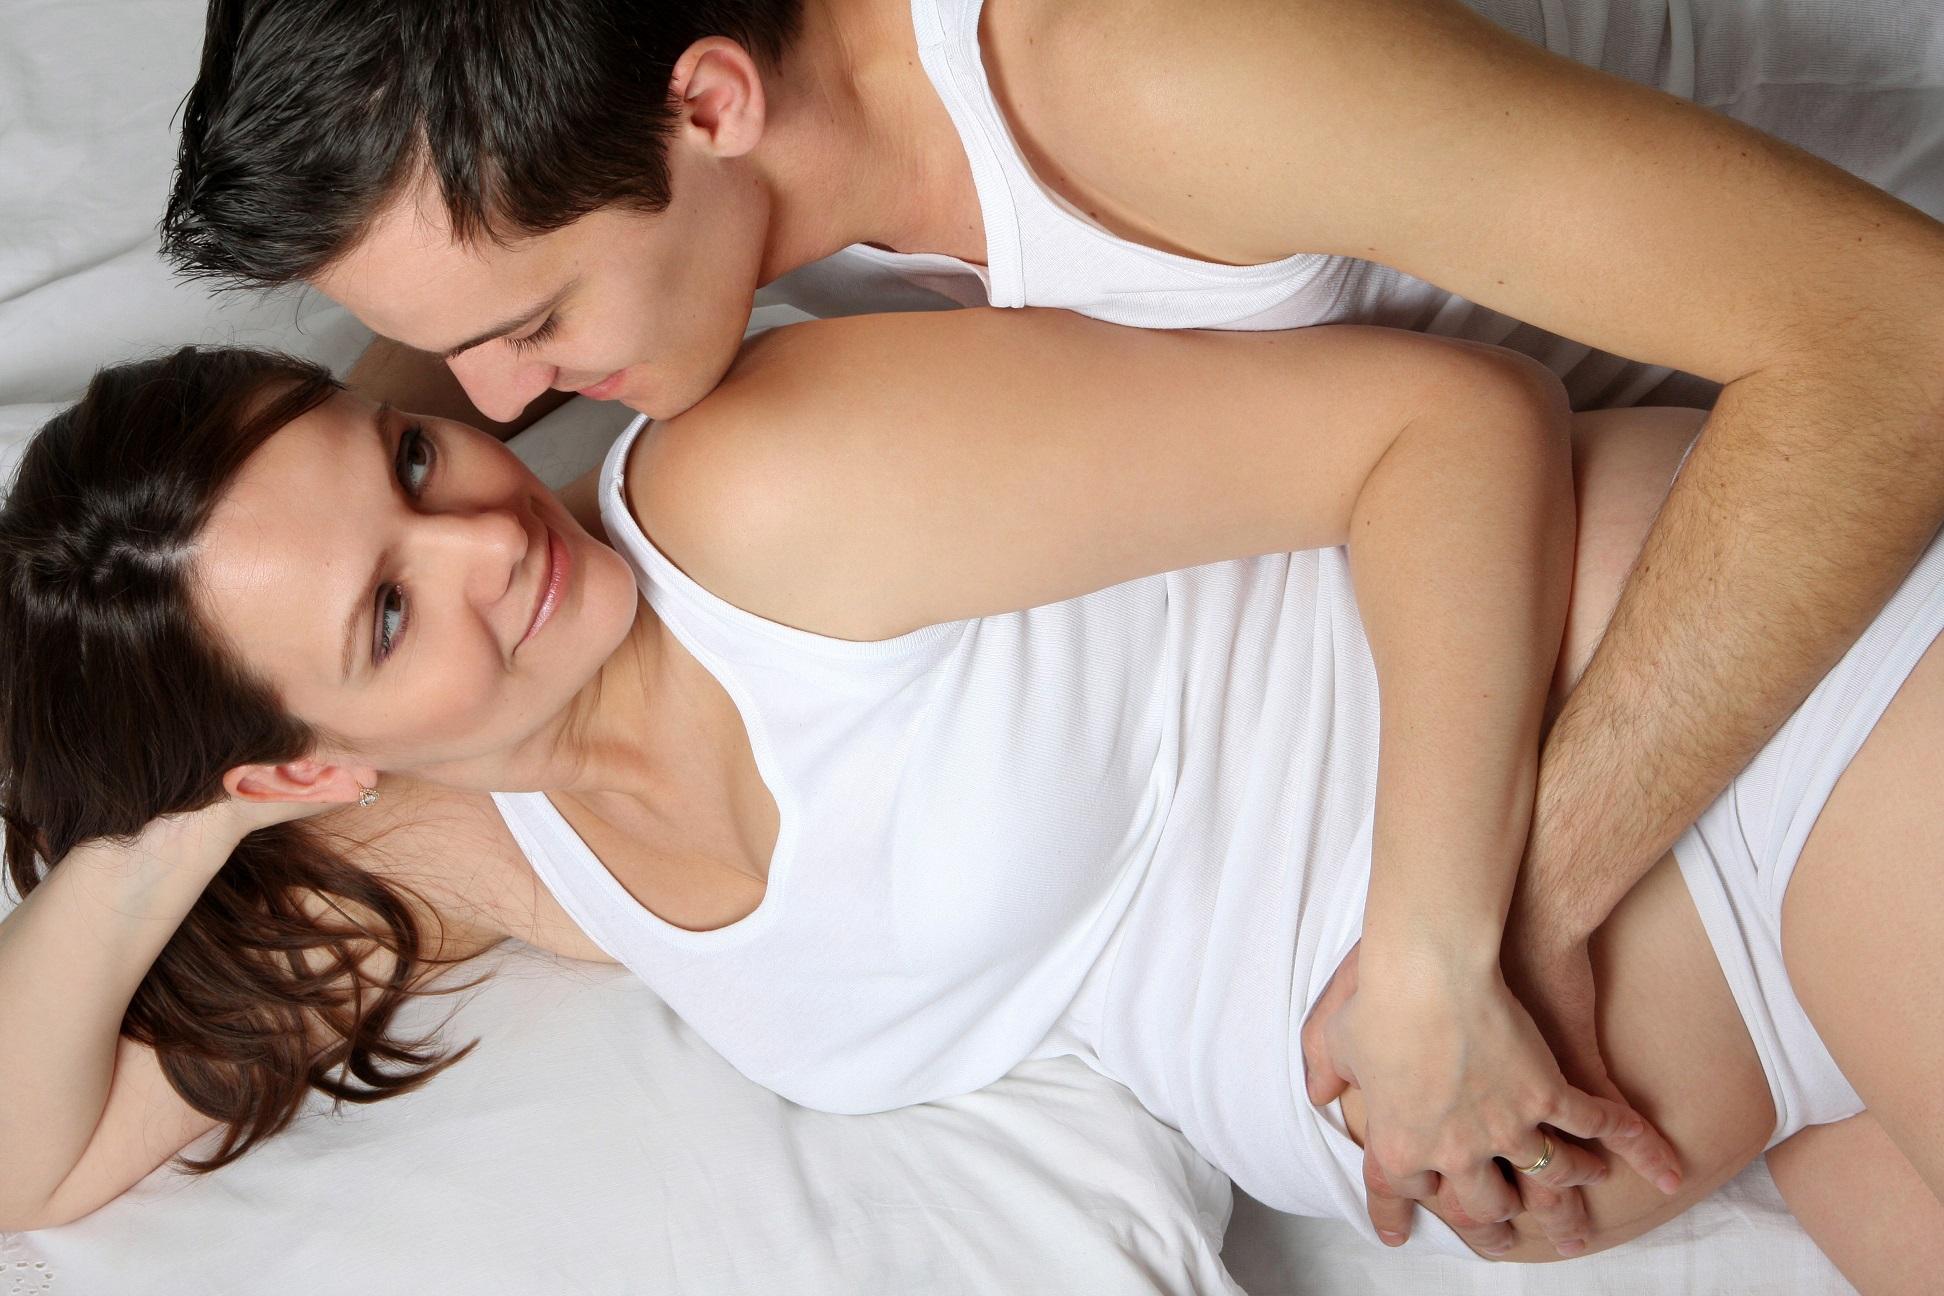 Sperm Taşınma Yöntemi ile Gebelik Oluştururmu?